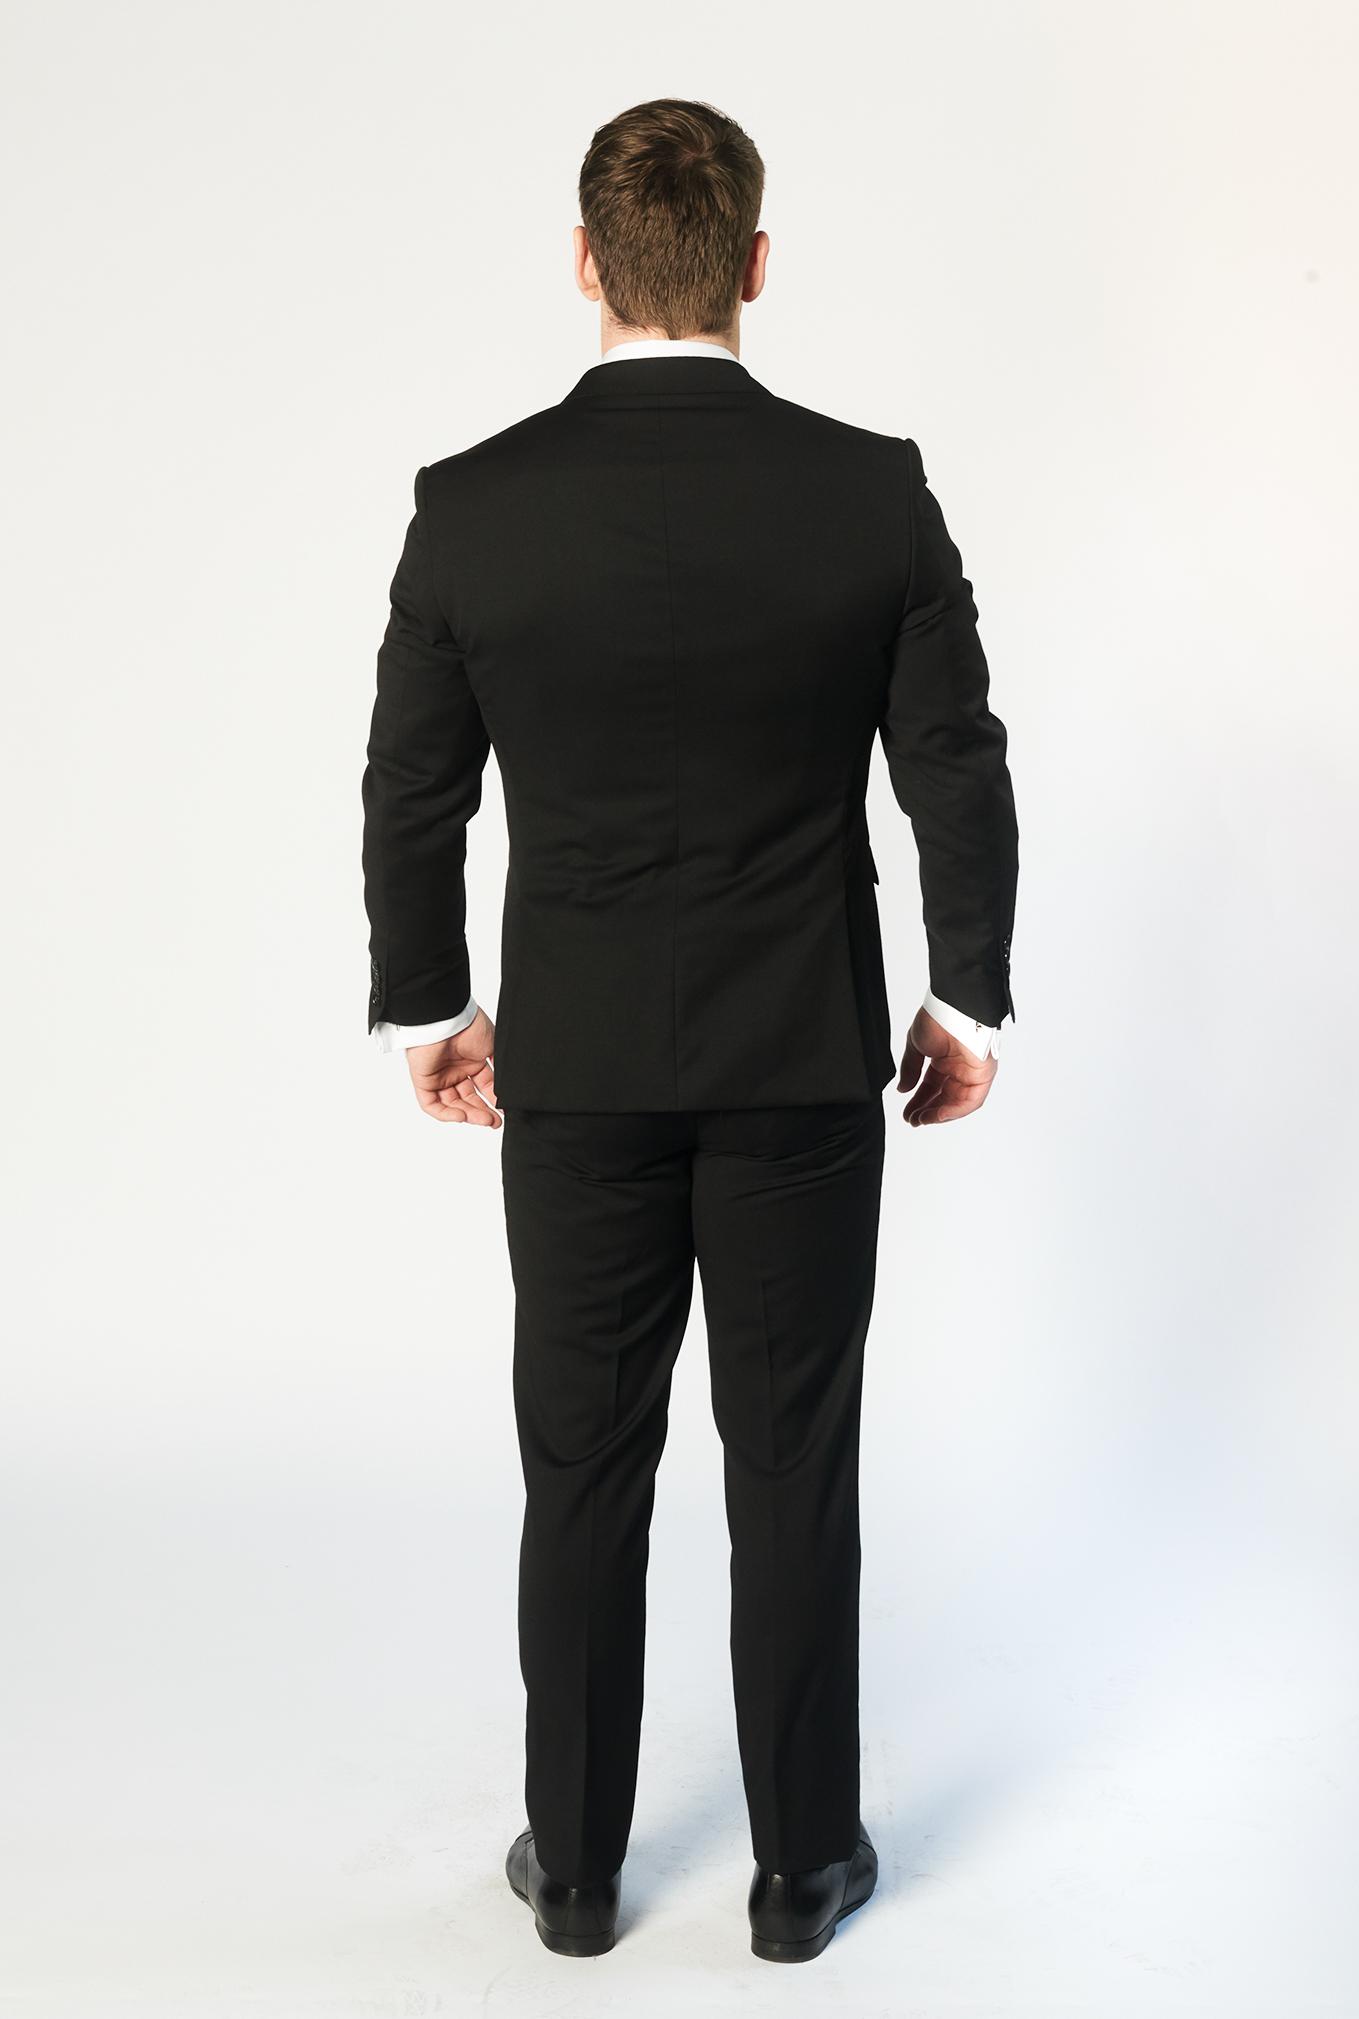 The Cambridge black suit back view